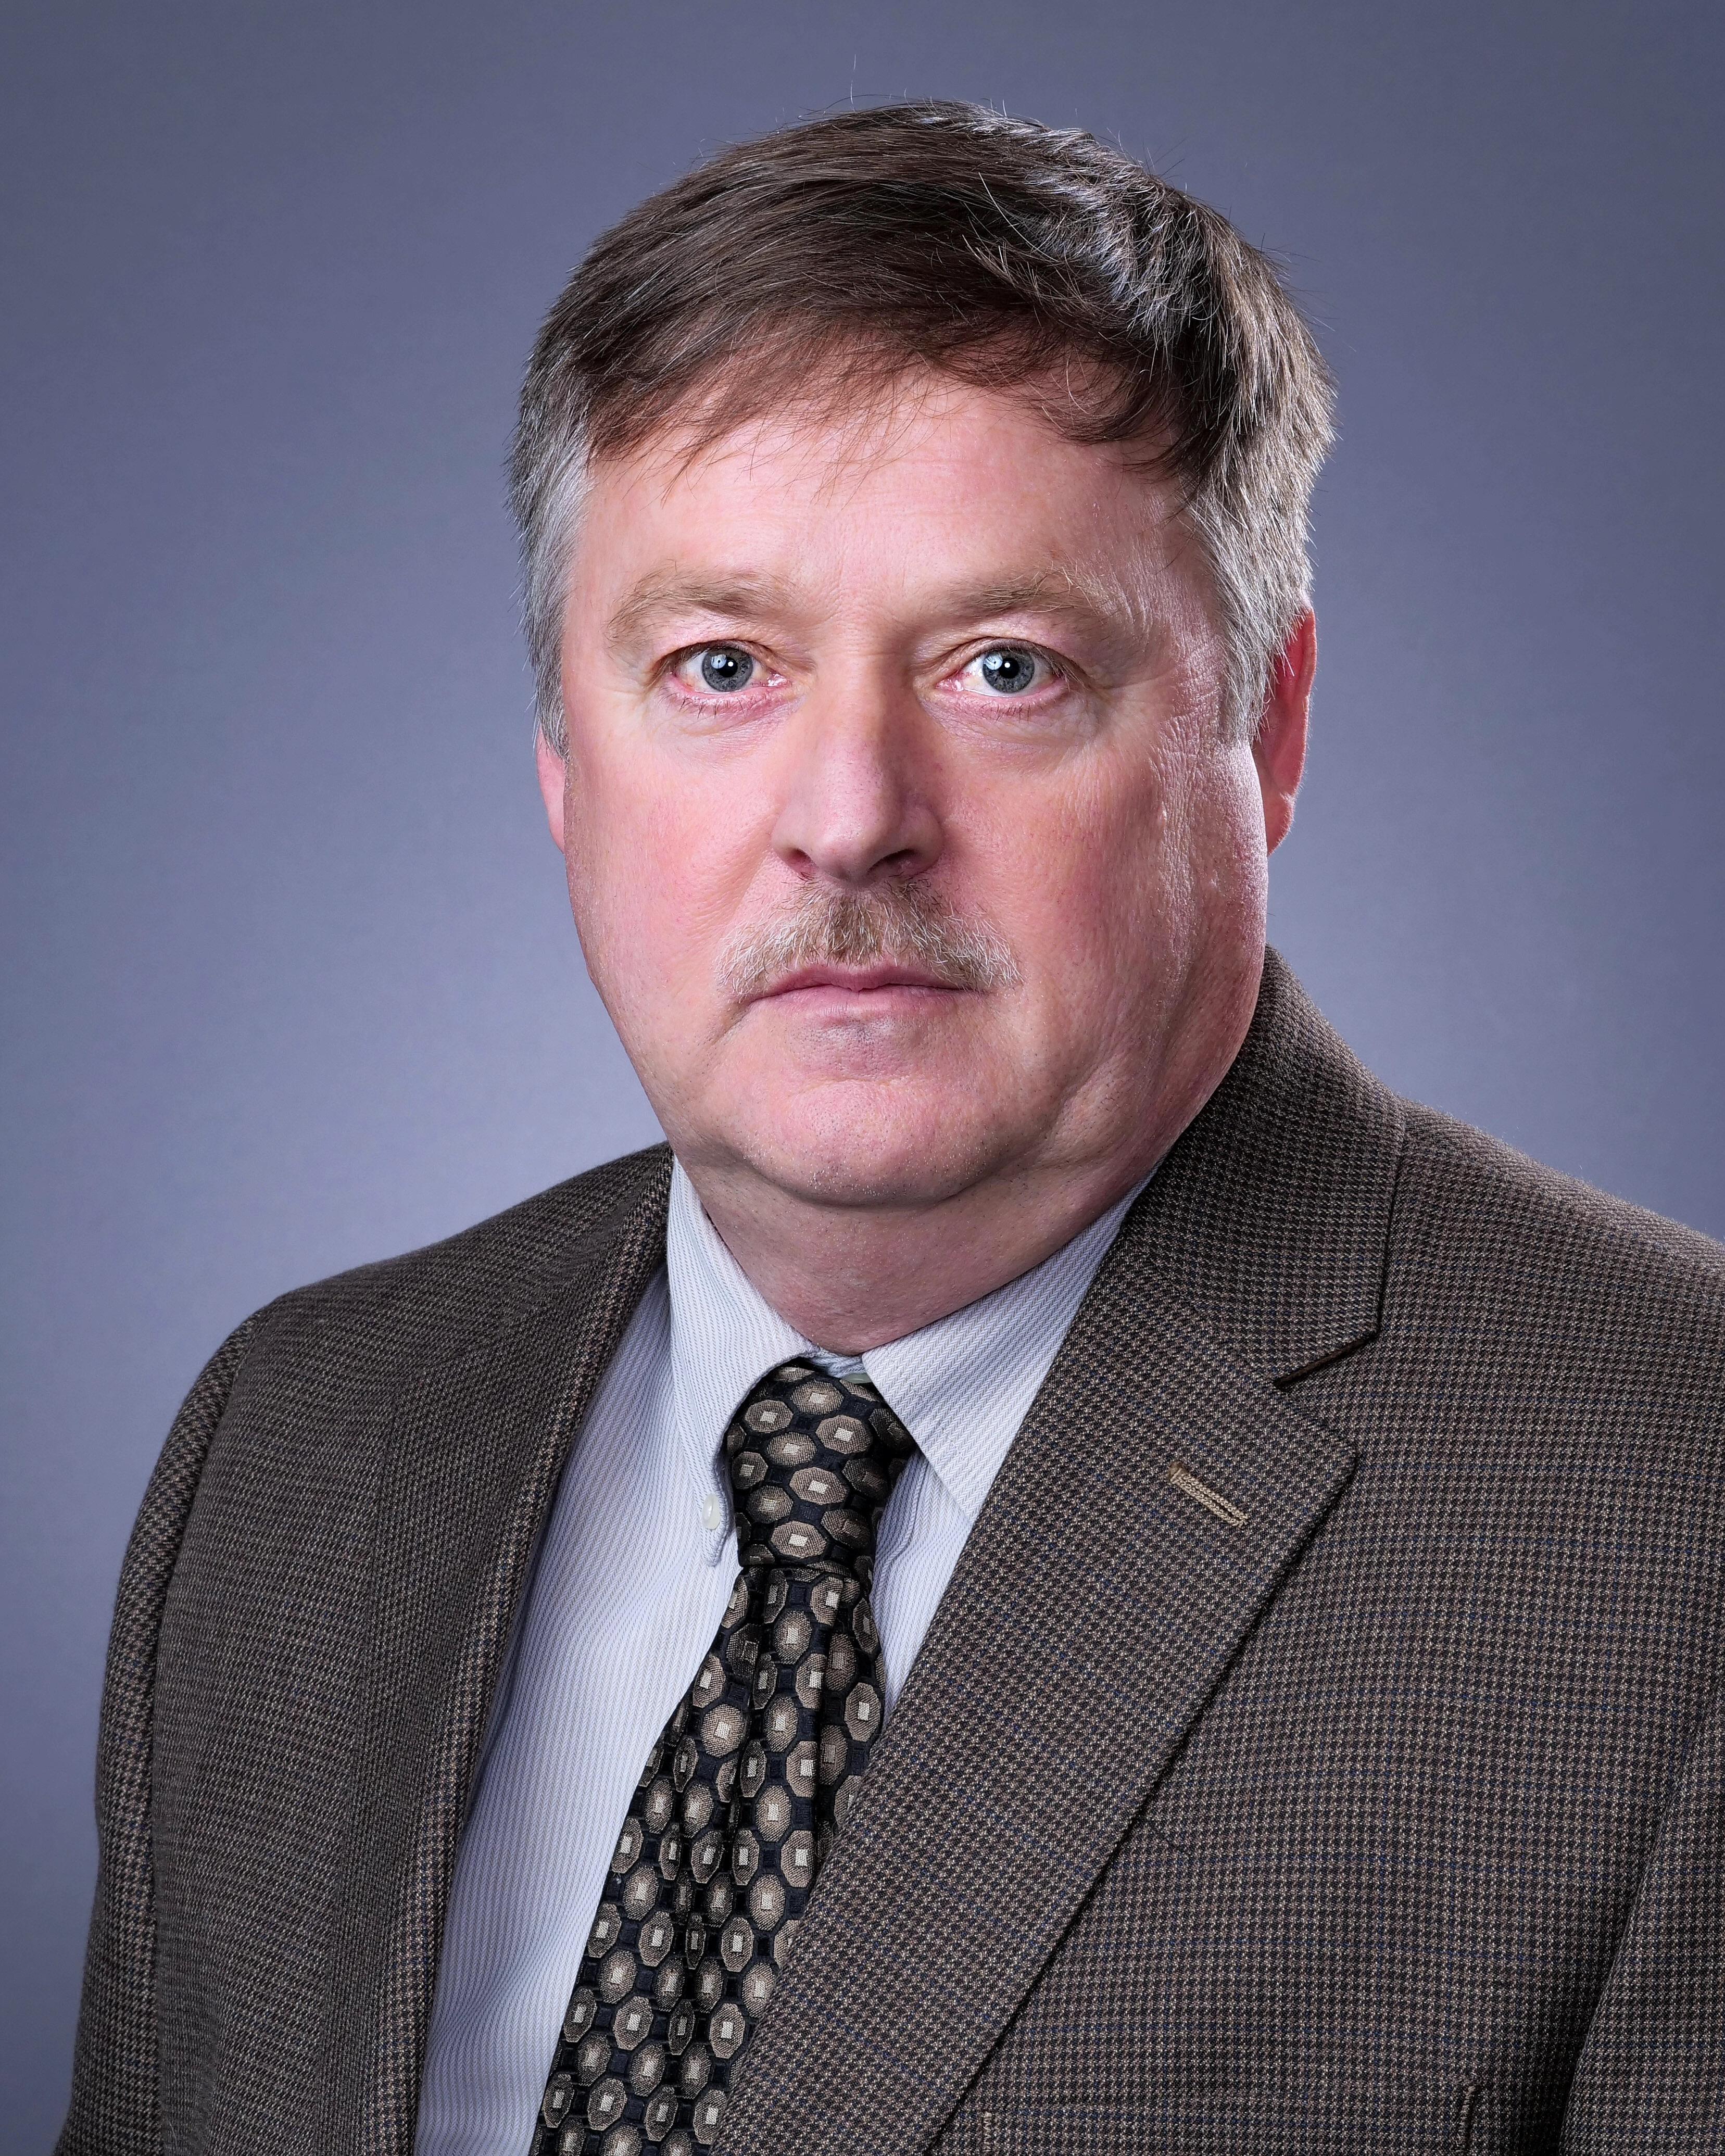 Barry Goodrich, Warden